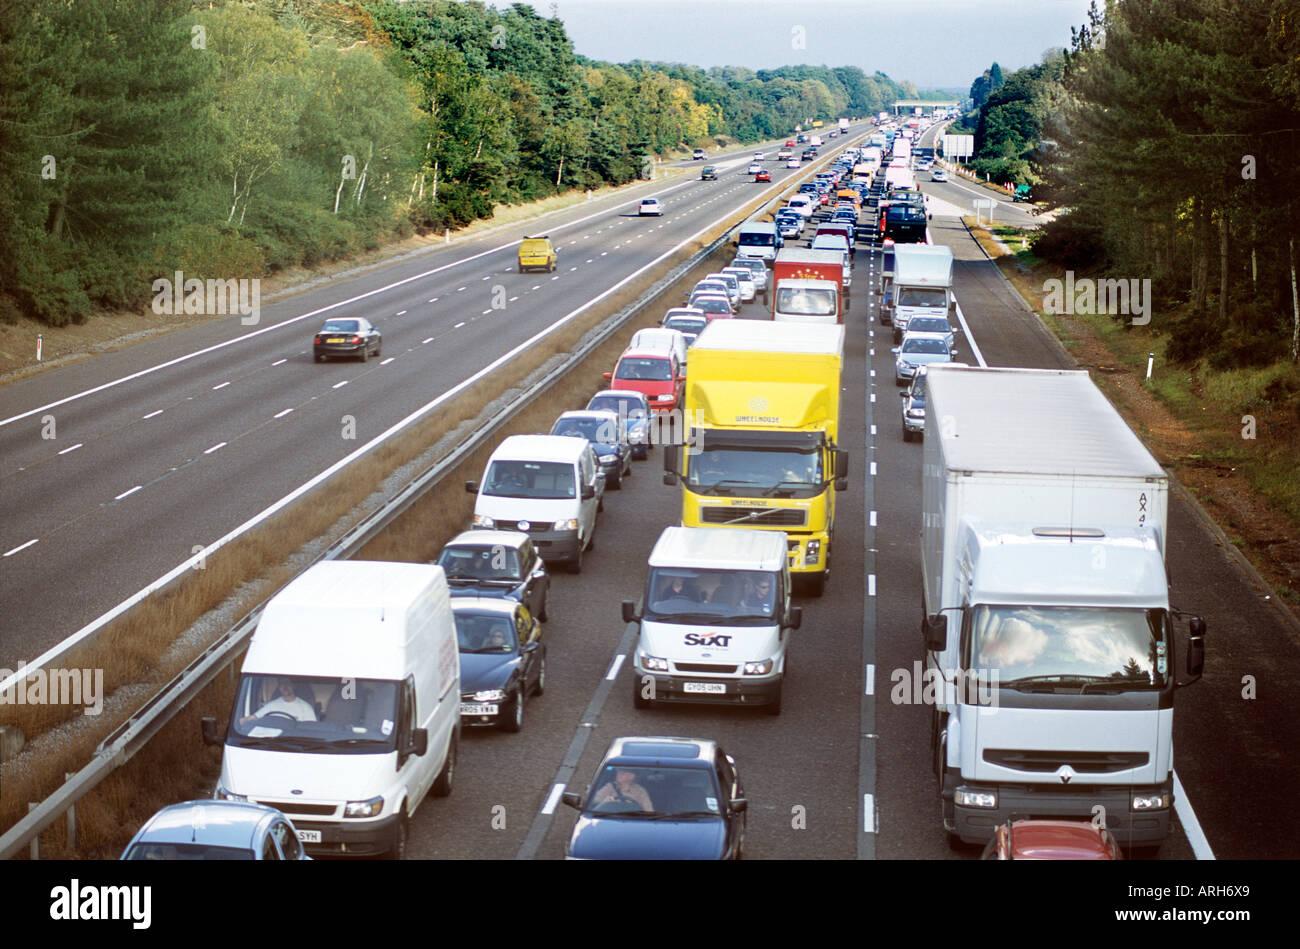 Autopista M3 bloqueado por accidente causando graves atascos de tráfico Imagen De Stock